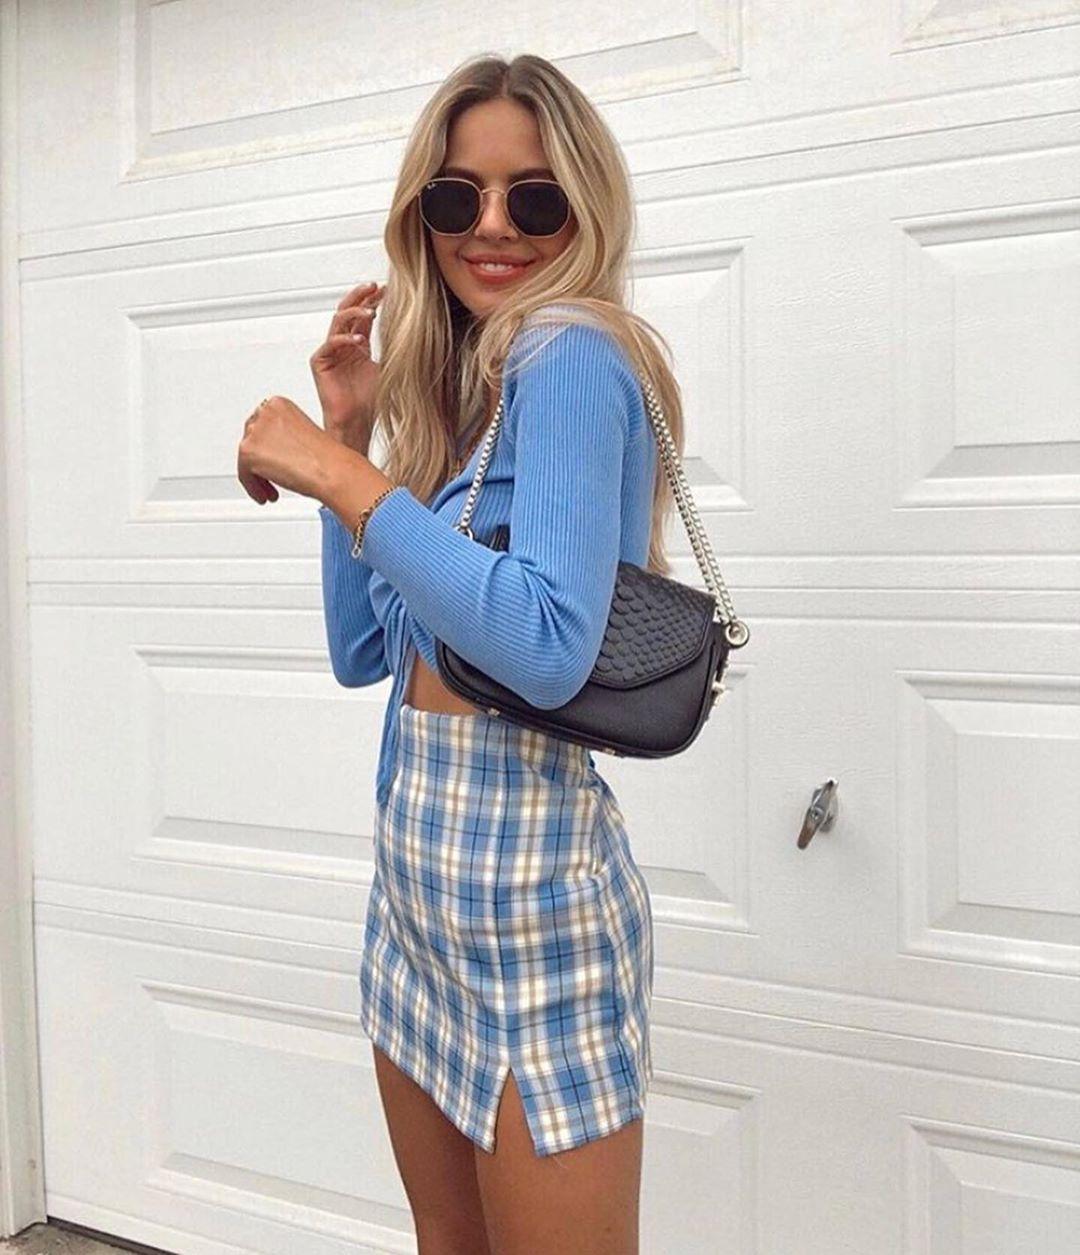 Idée de tenue - Streetwear - Nike Sweat - Outfit